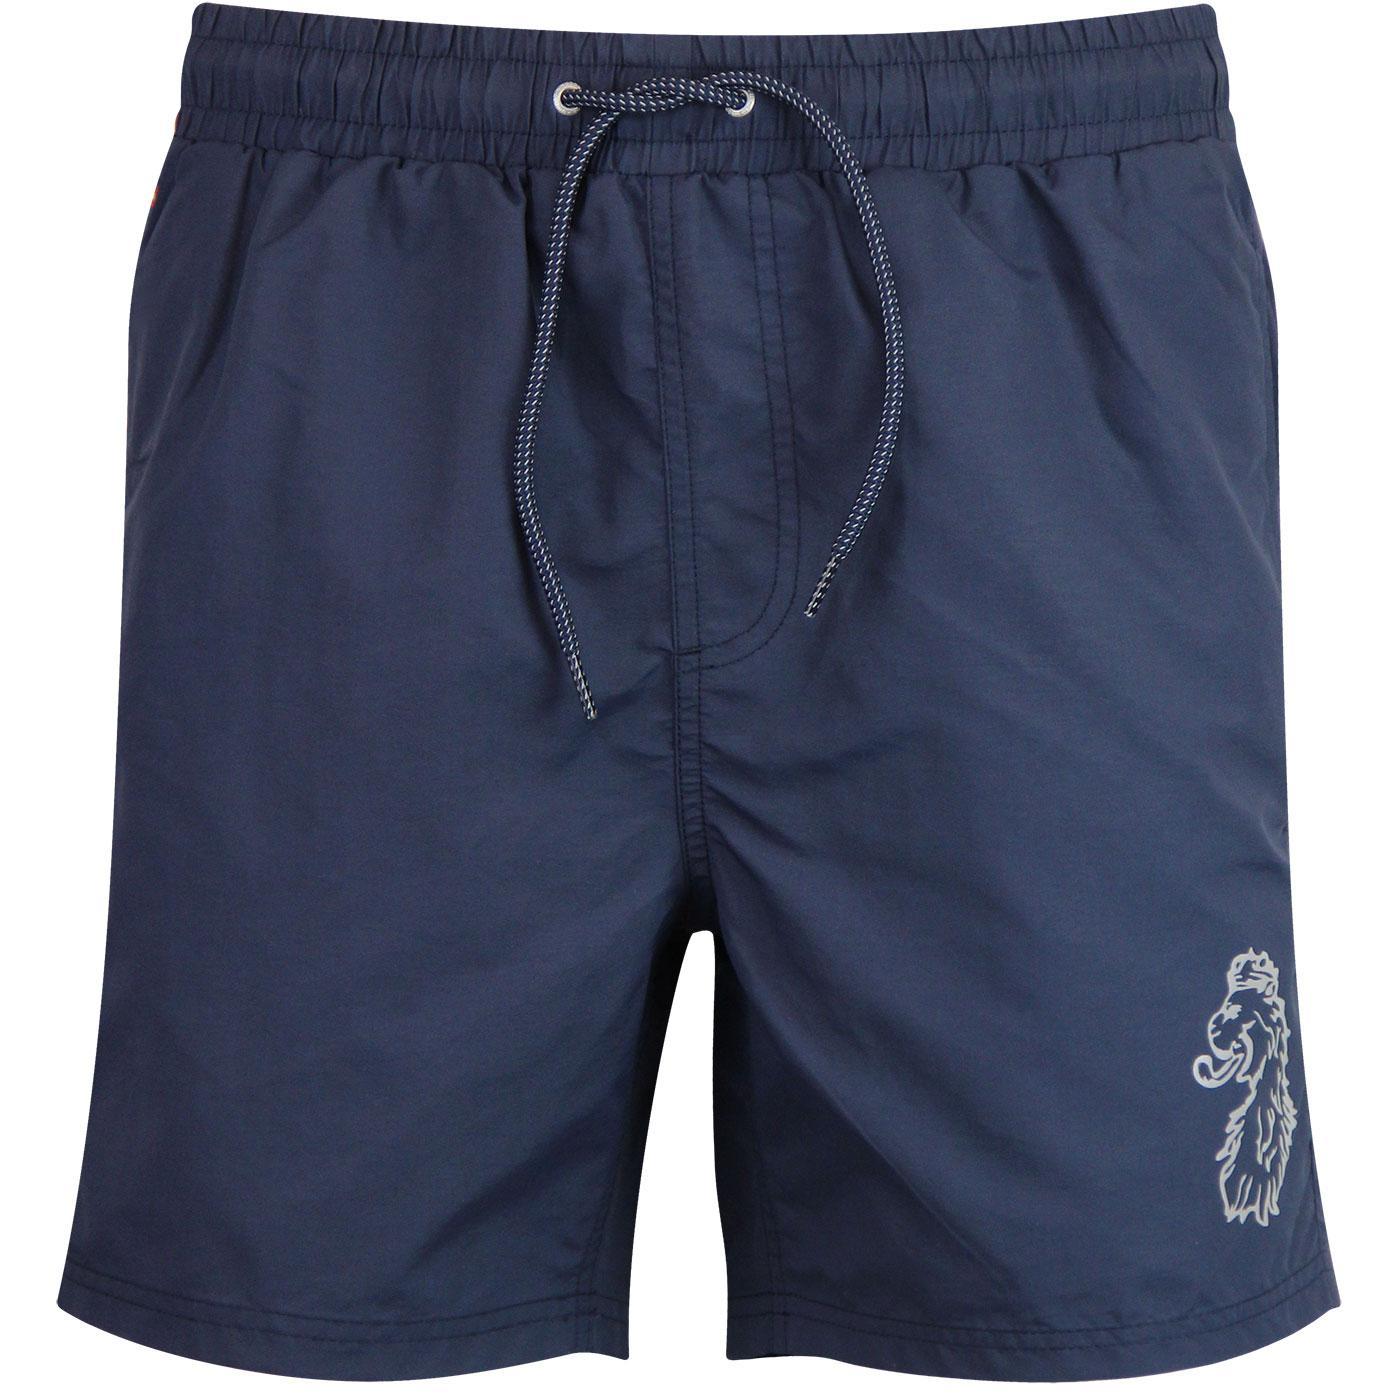 Fuse LUKE Reflective Logo Print Swim Shorts NAVY